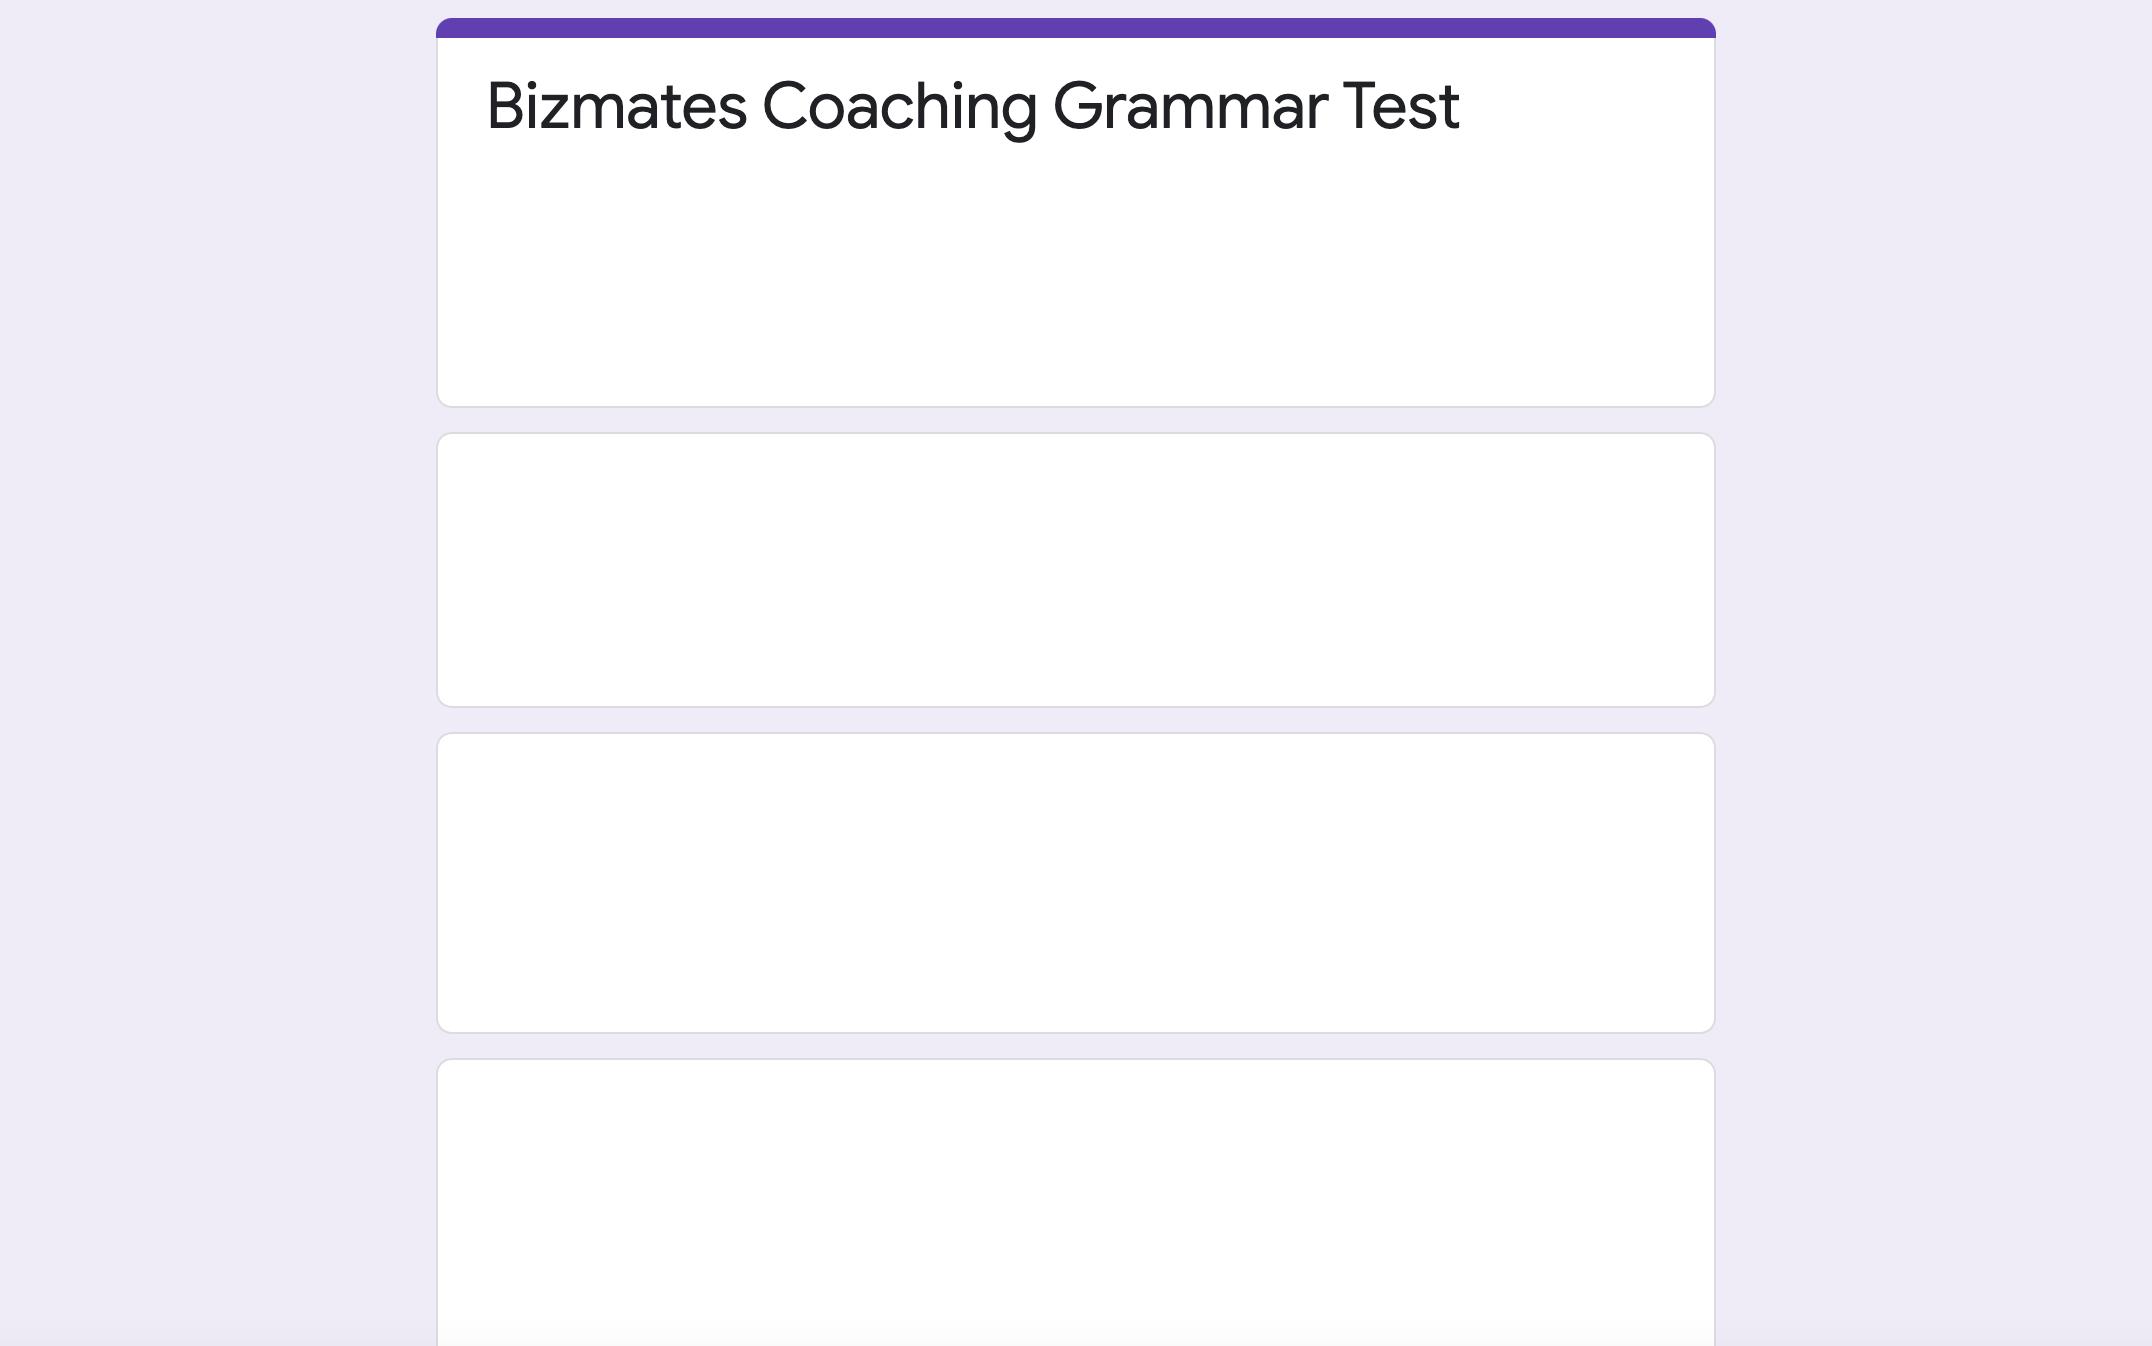 Bizmates Grammer Test